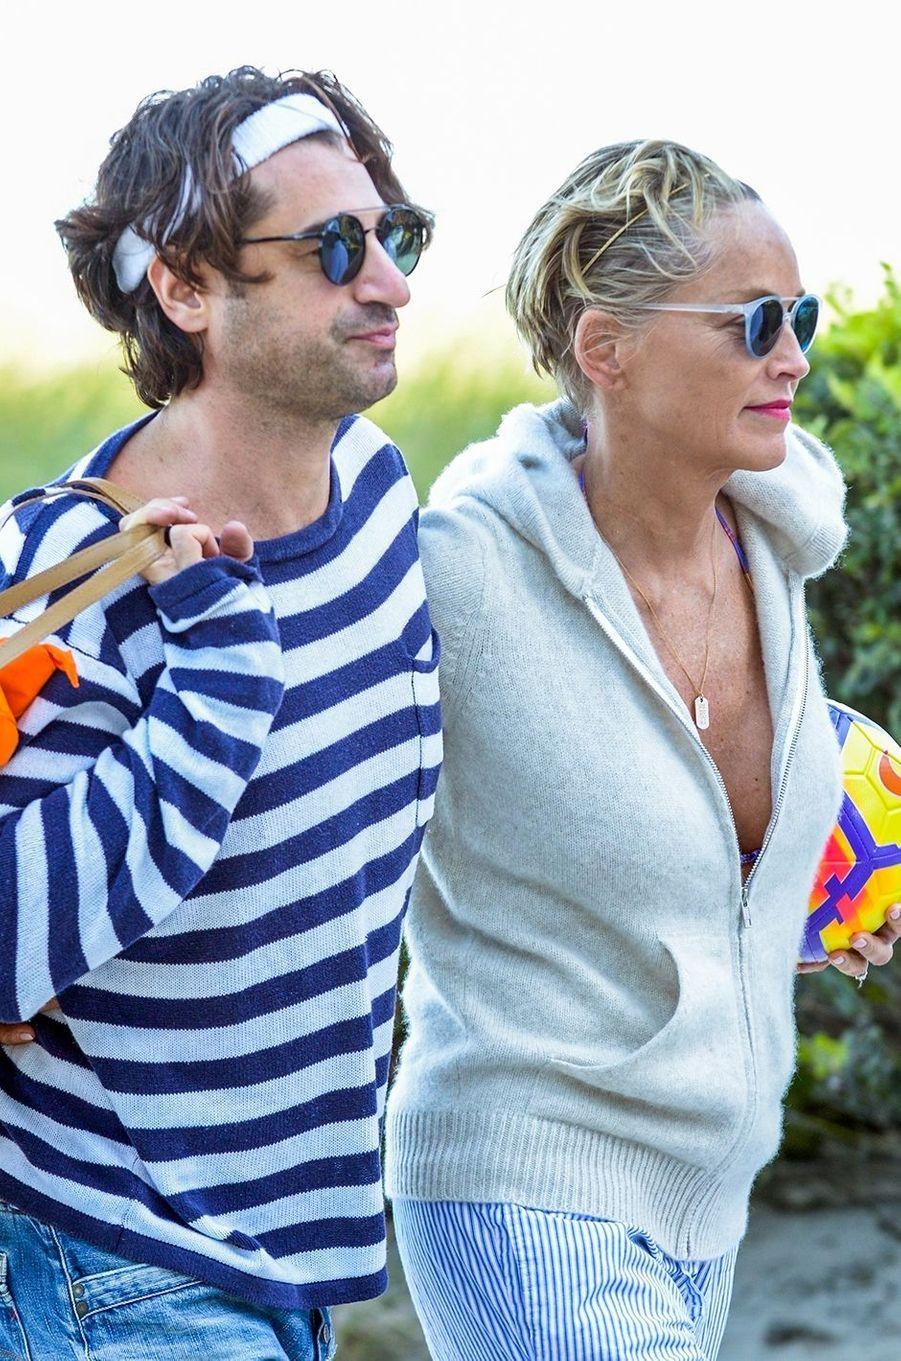 Sharon Stone et son nouveau compagnon, c'est l'amour à la plage.